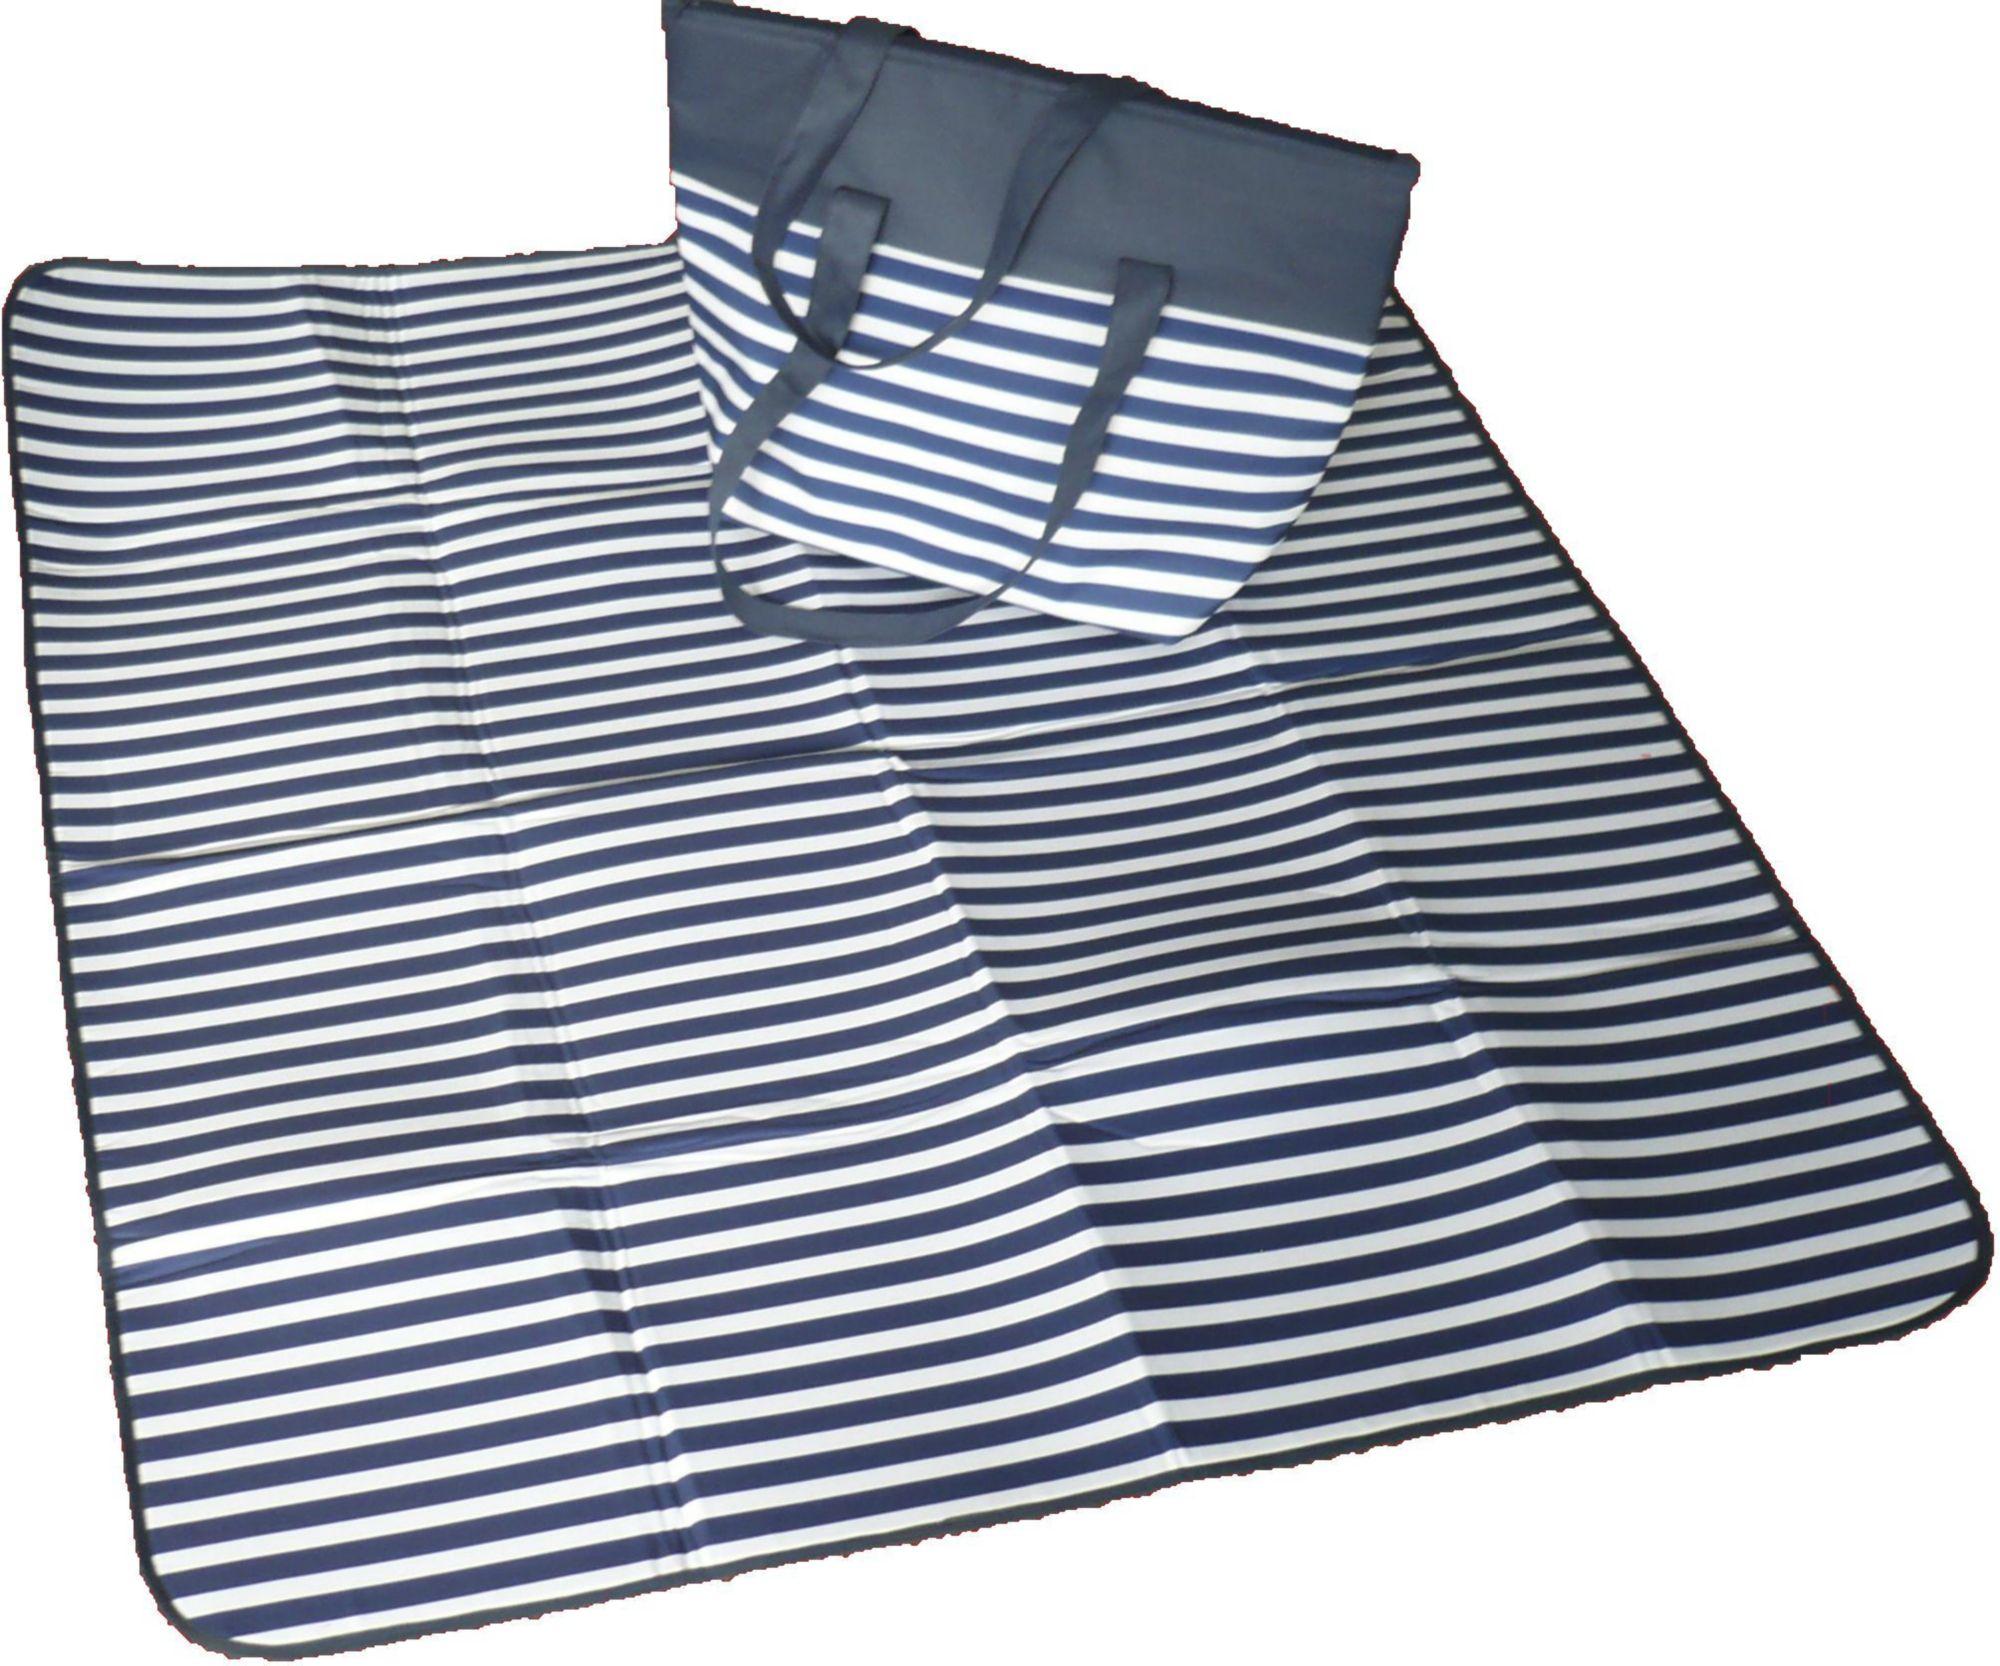 BIEDERLACK Picknickdecke, Biederlack, »Summer Cool«, mit Strandtasche